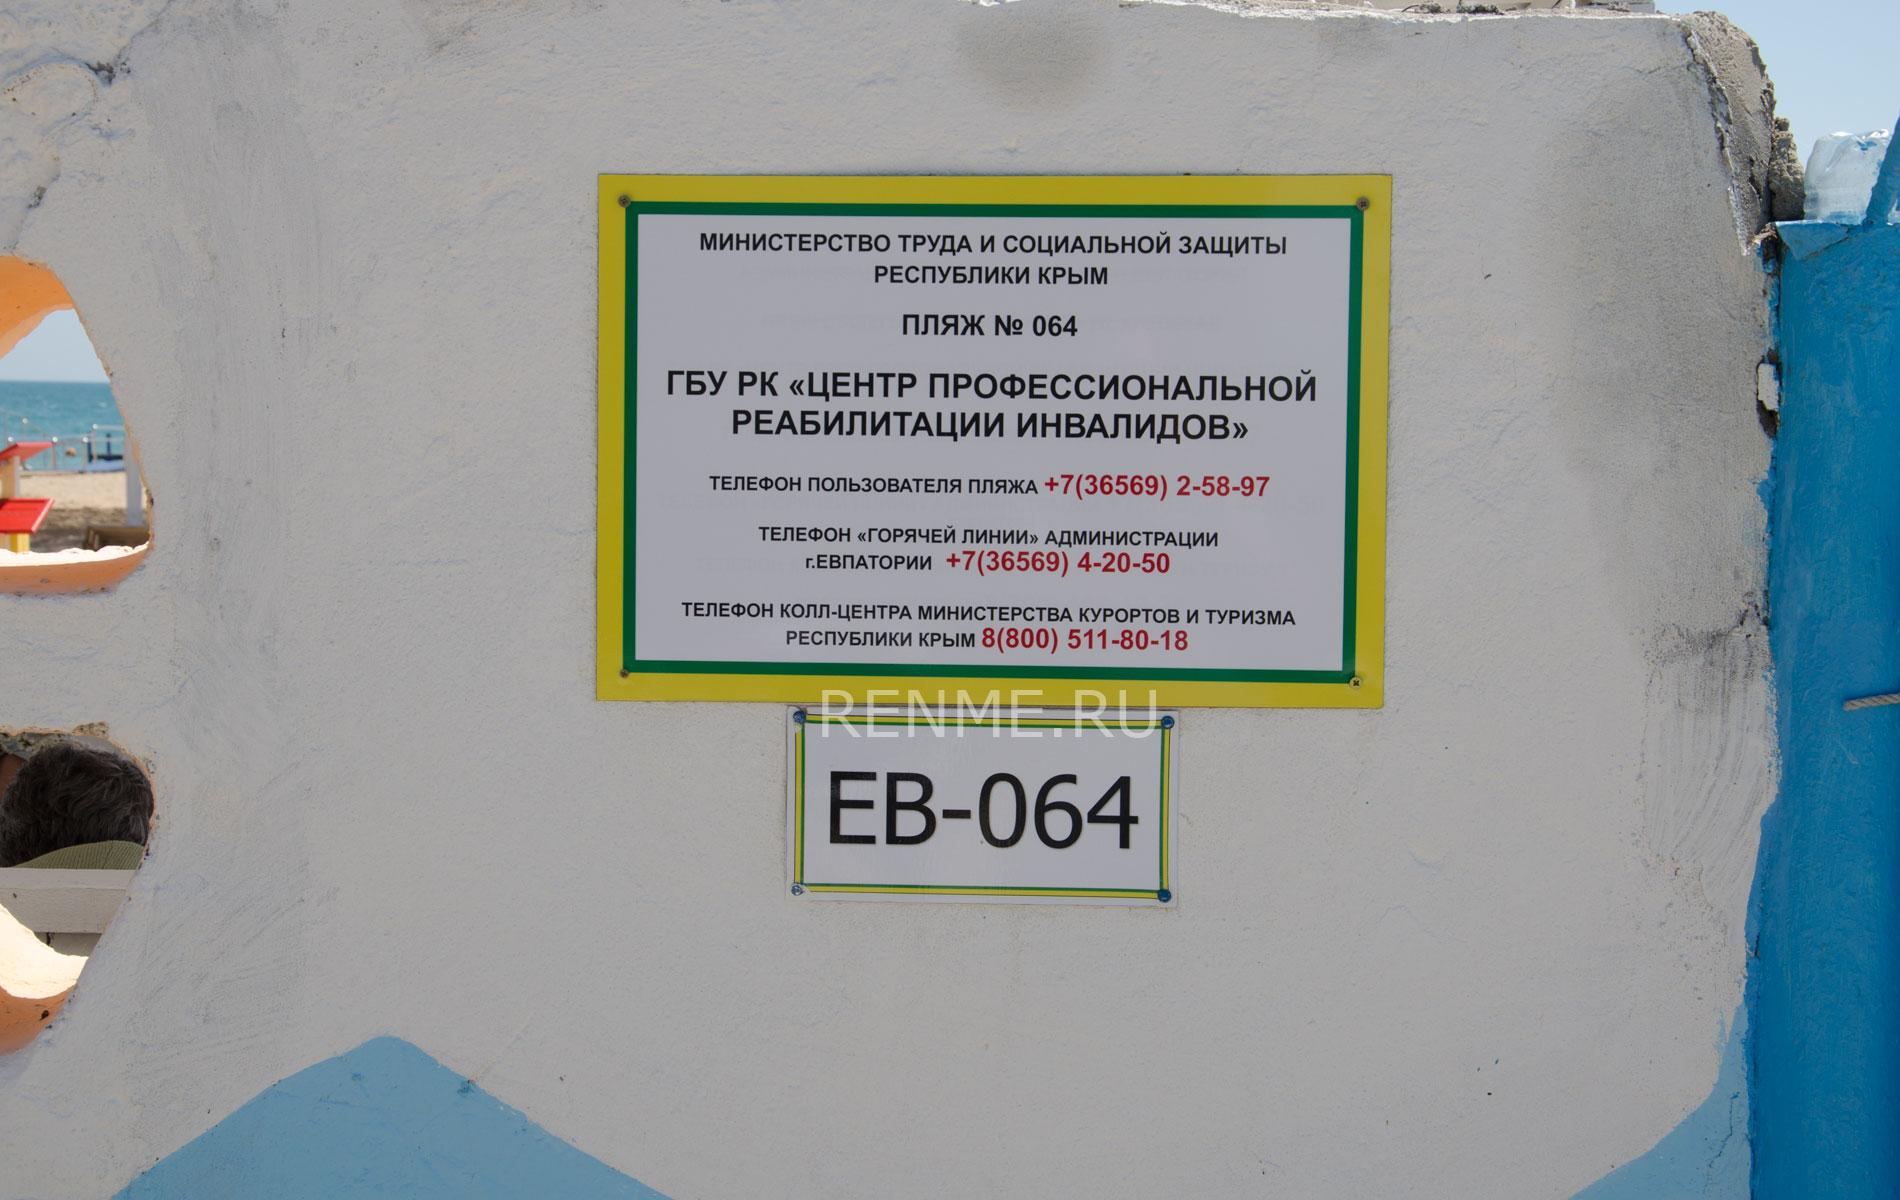 Информация о пляже в Евпатории 2019. Фото Евпатории